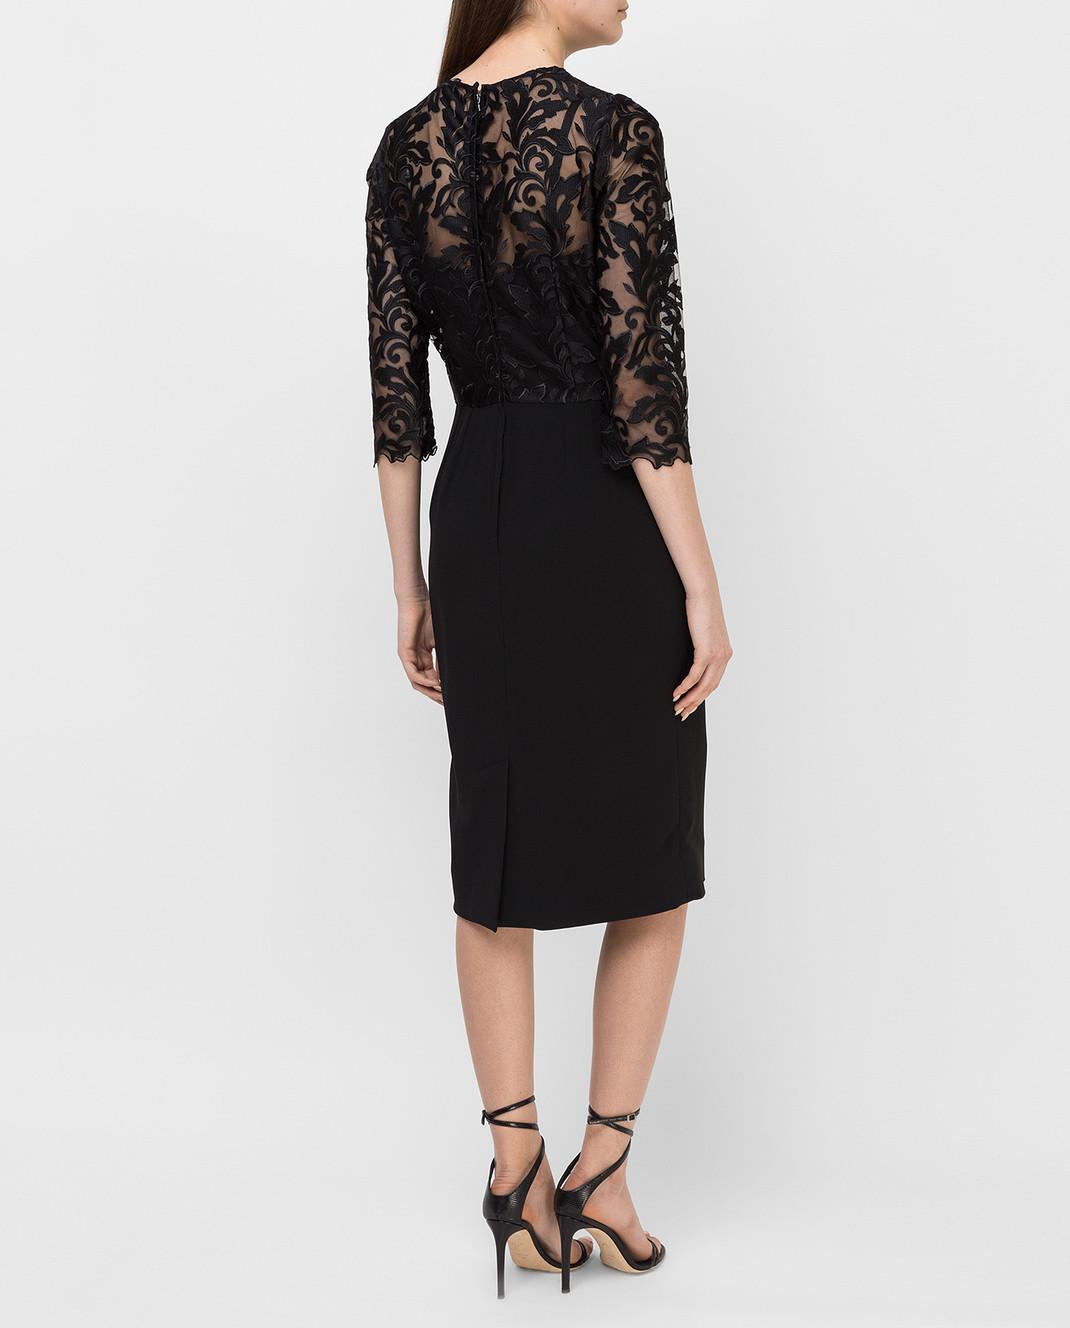 Dolce&Gabbana Черное платье F6VV0TFURDV изображение 4